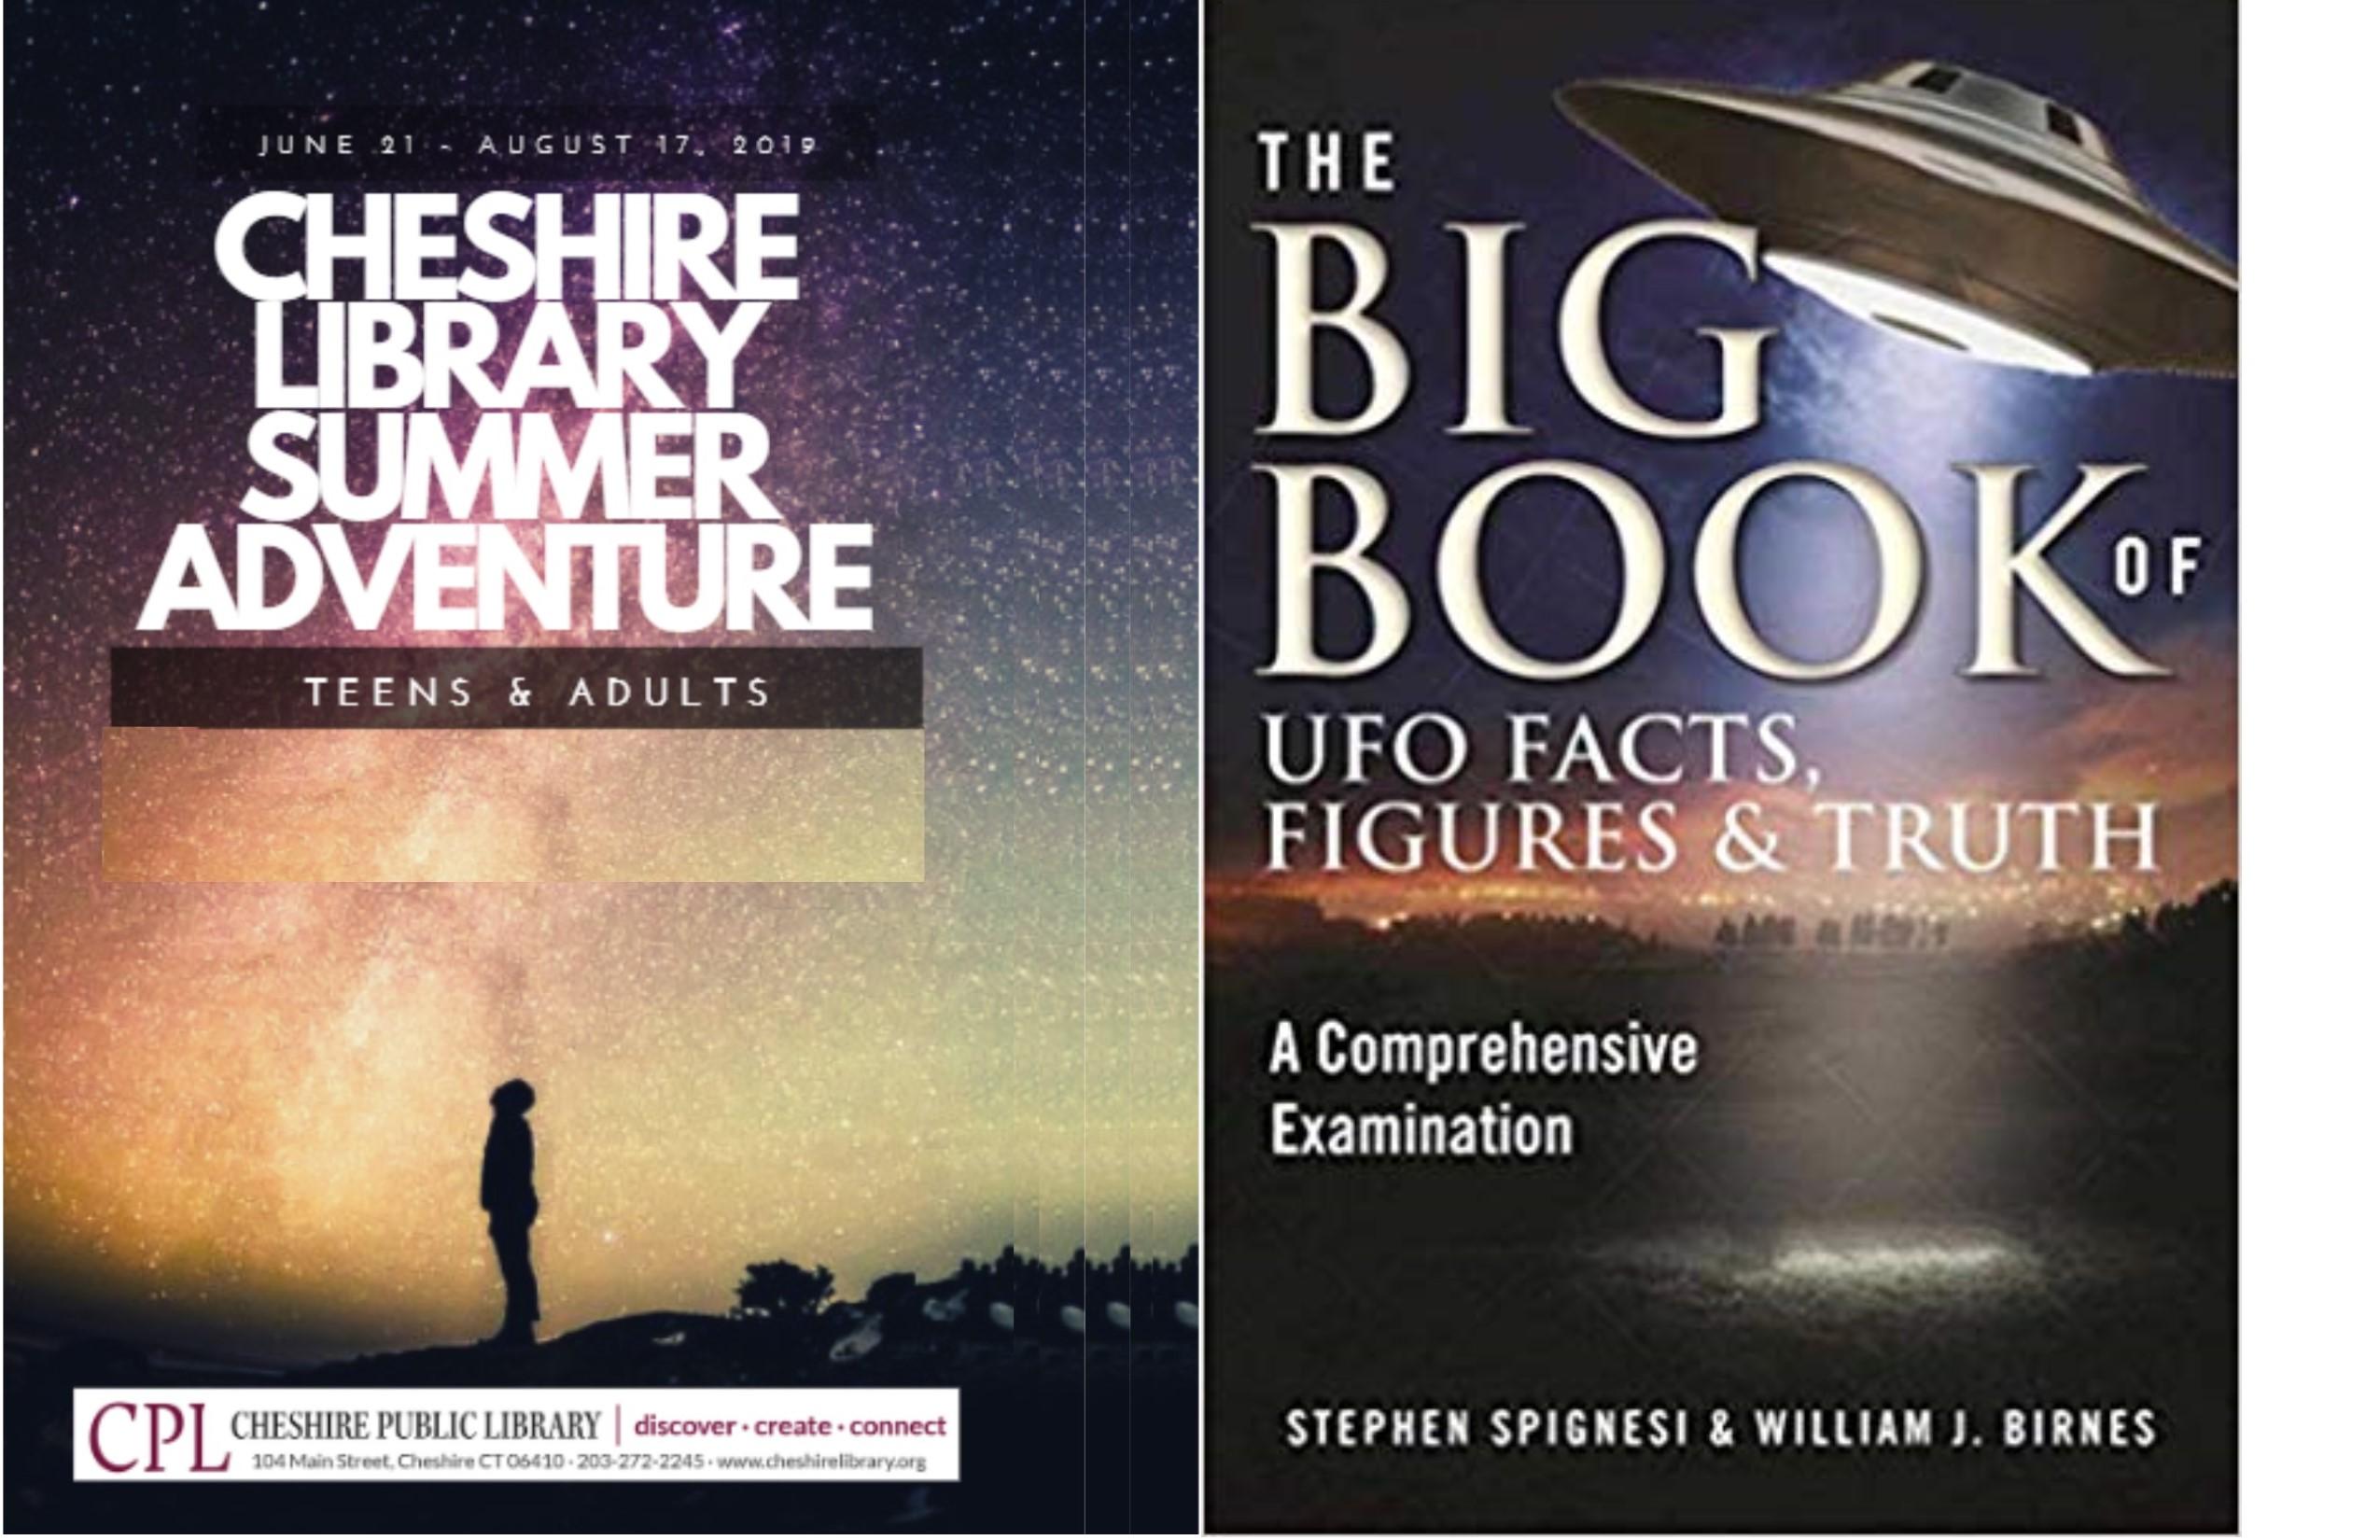 UFO Experience with Stephen Spignesi